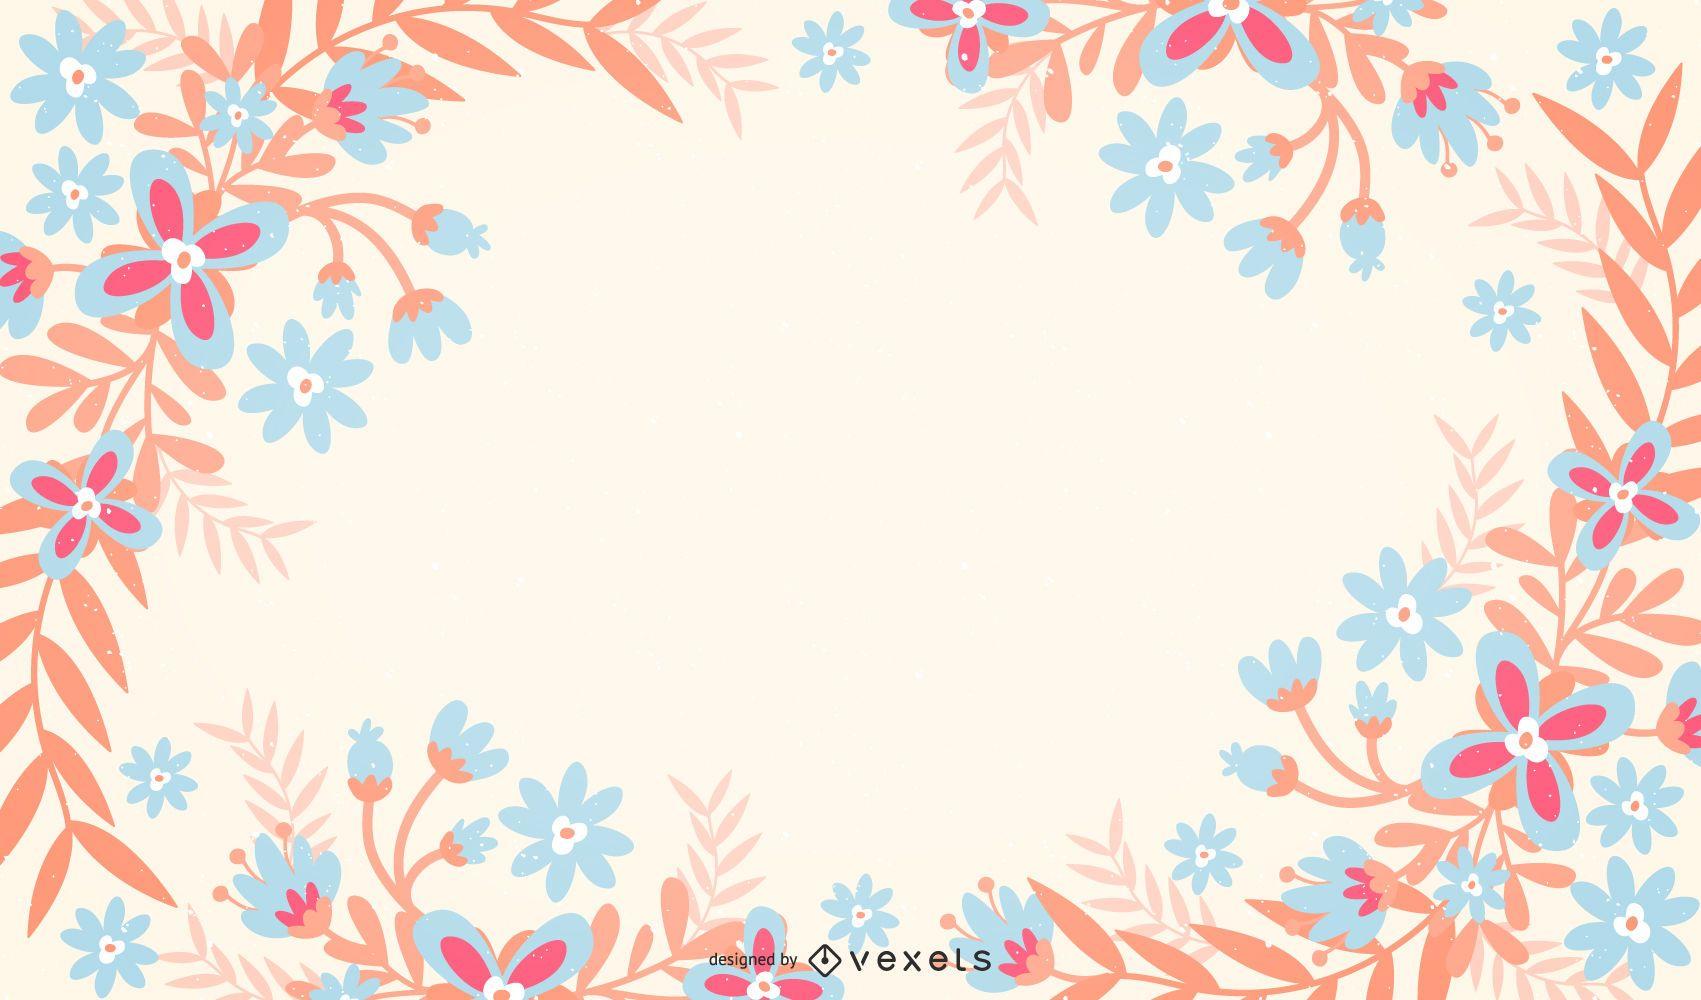 Pastel Floral Background Vector Download